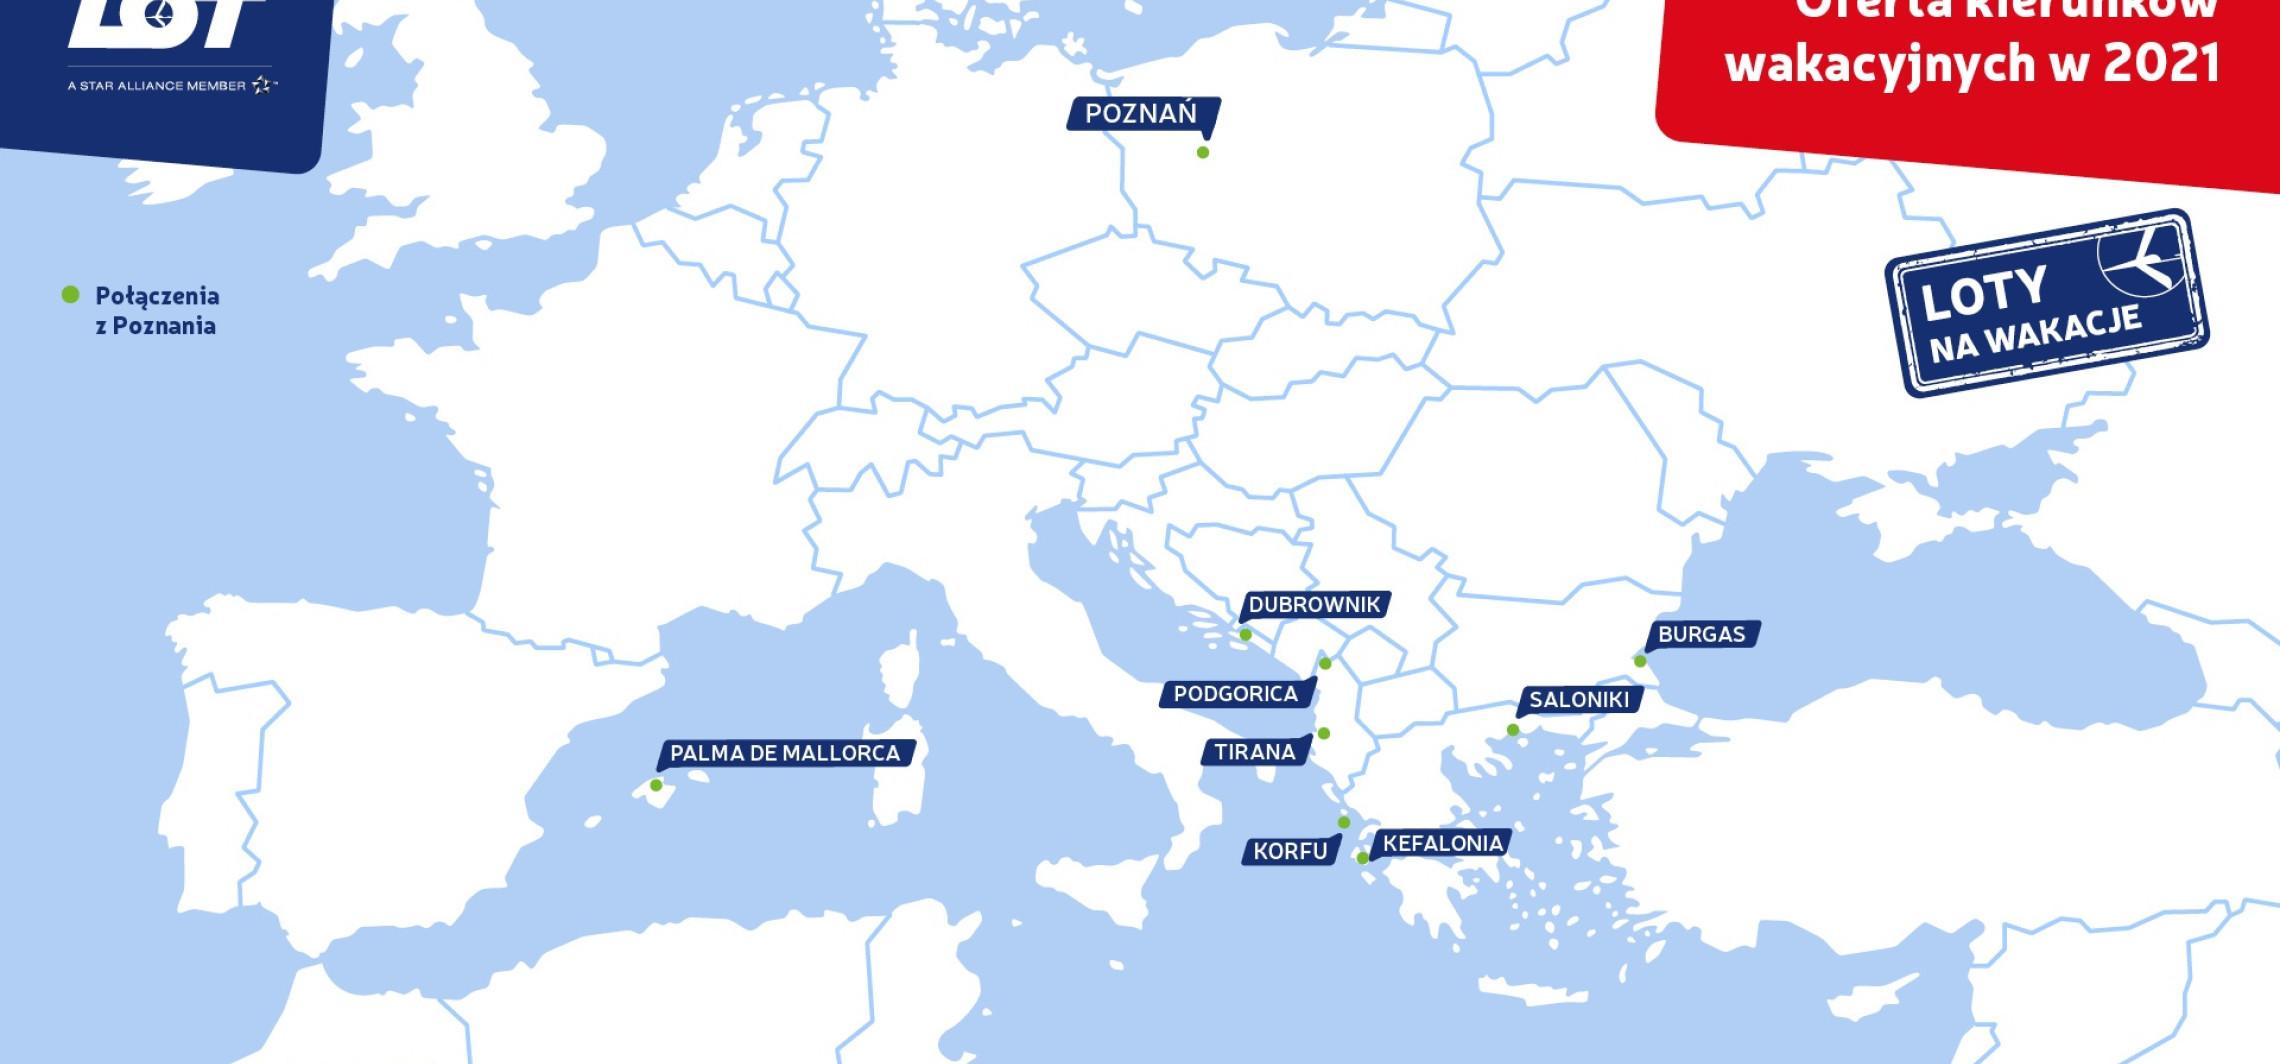 Kraj - Wakacyjne kierunki LOT-u bezpośrednio z Poznania już od końca maja